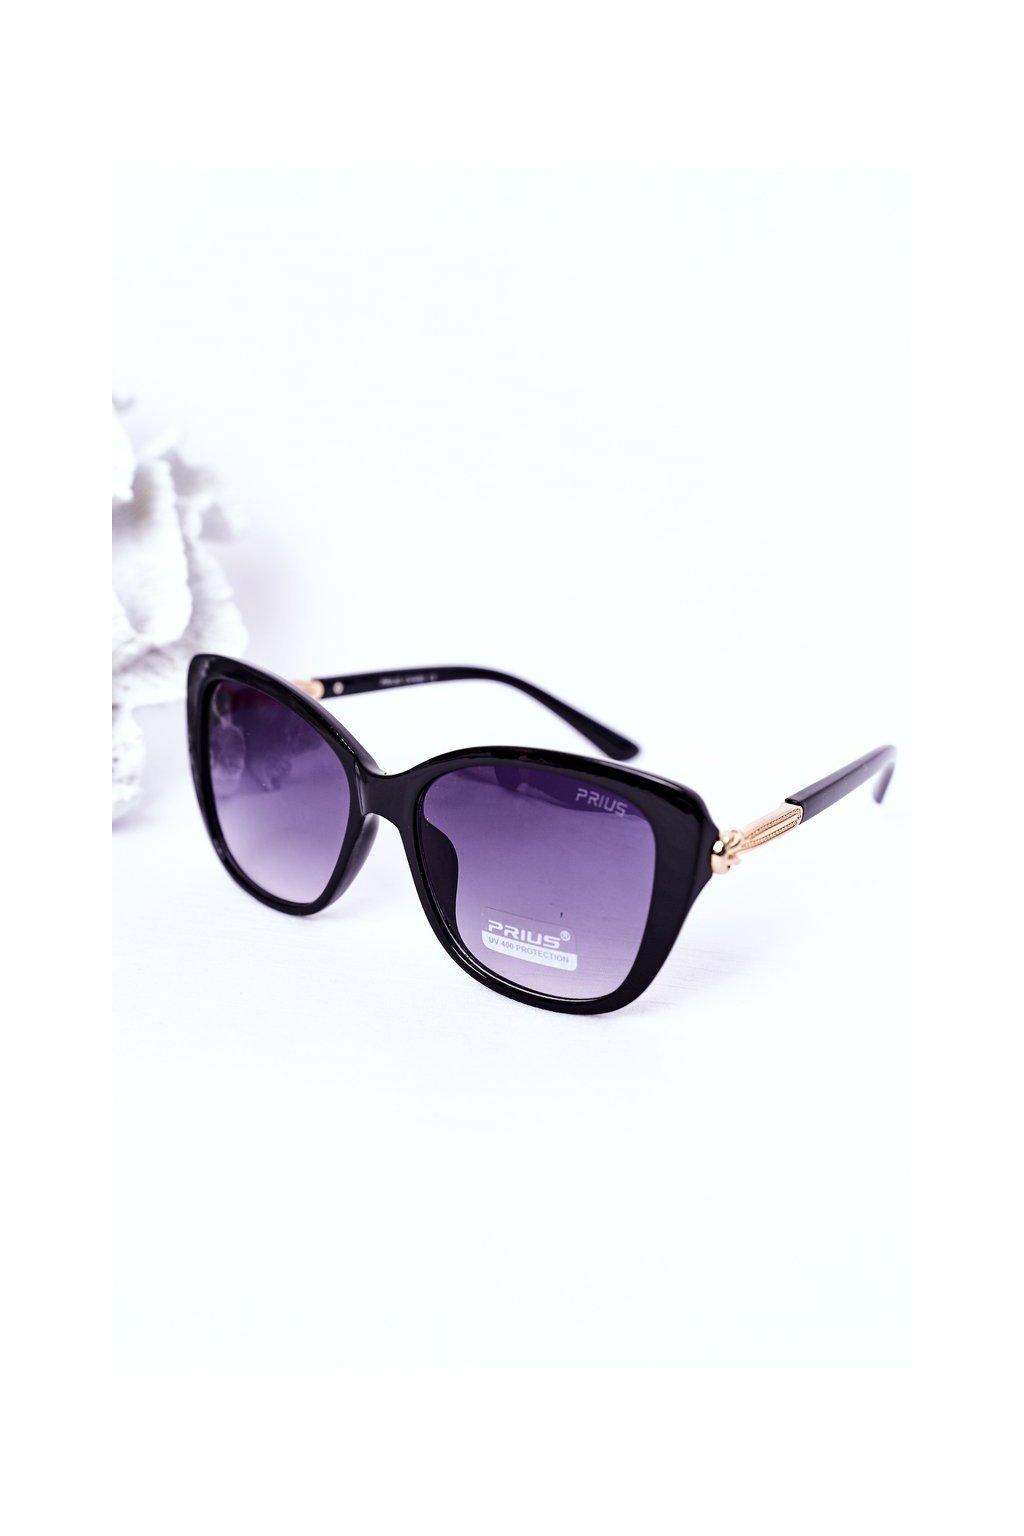 Slnečné okuliare čierne PRIUS Eyewear. PRIUS010 BLACK